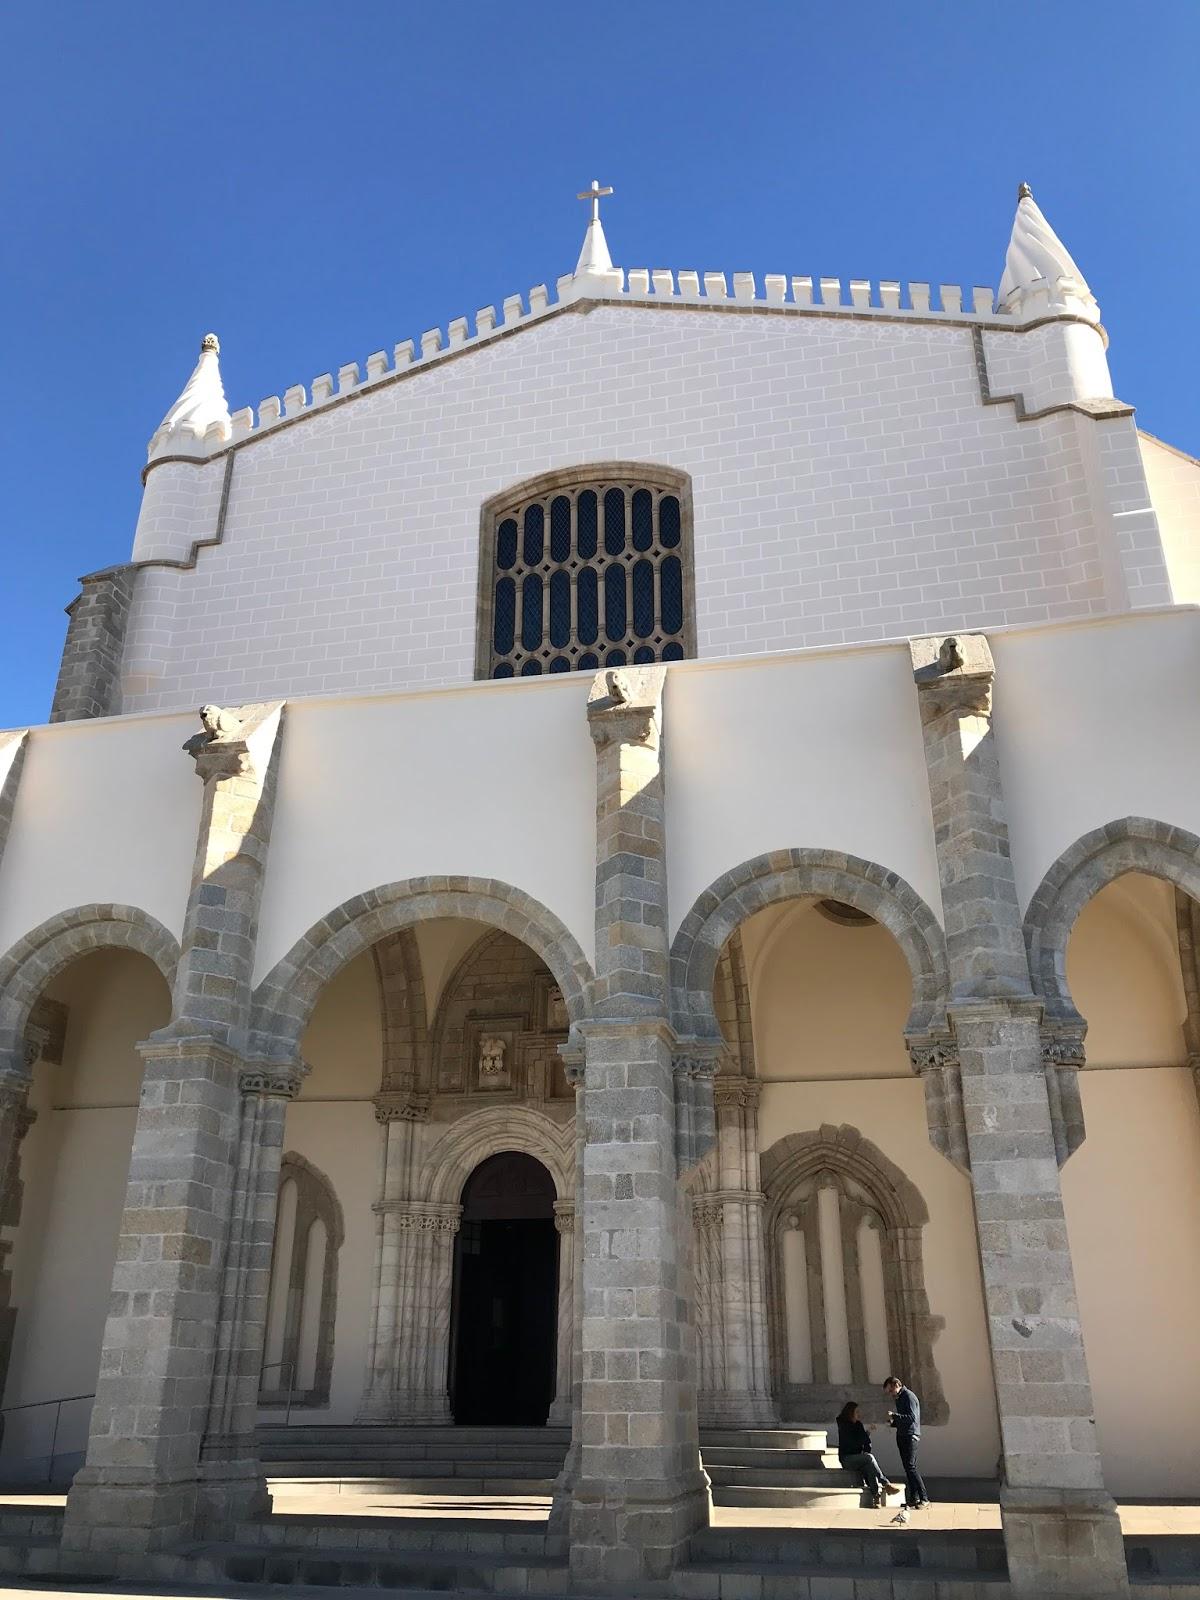 Igreja de São Francisco e a Capela dos Ossos - Évora